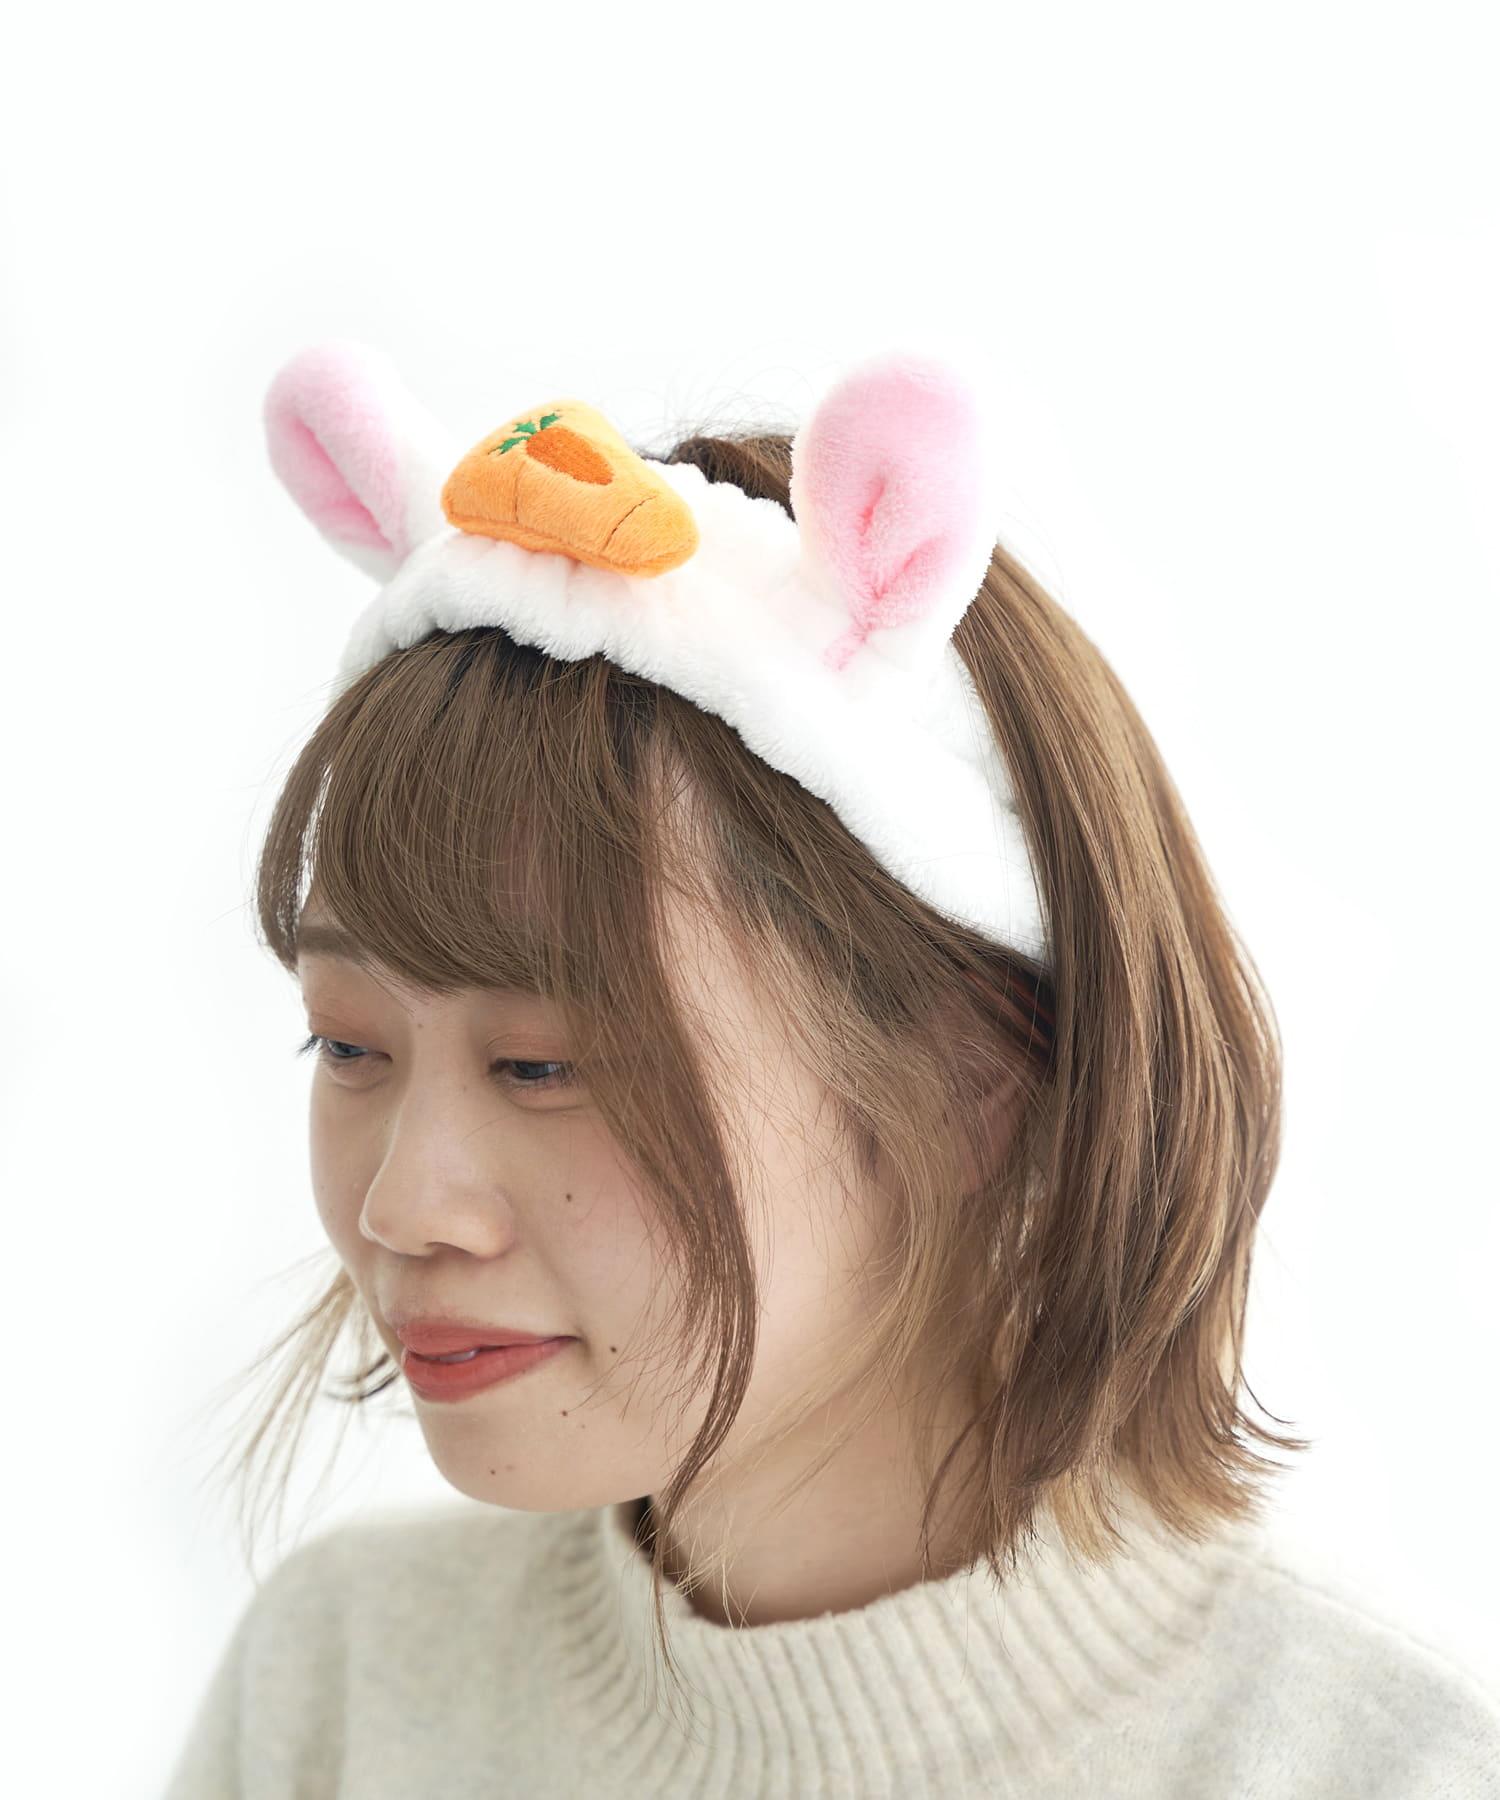 3COINS(スリーコインズ) 【ASOKO】ウサギになりたい!ヘアターバン